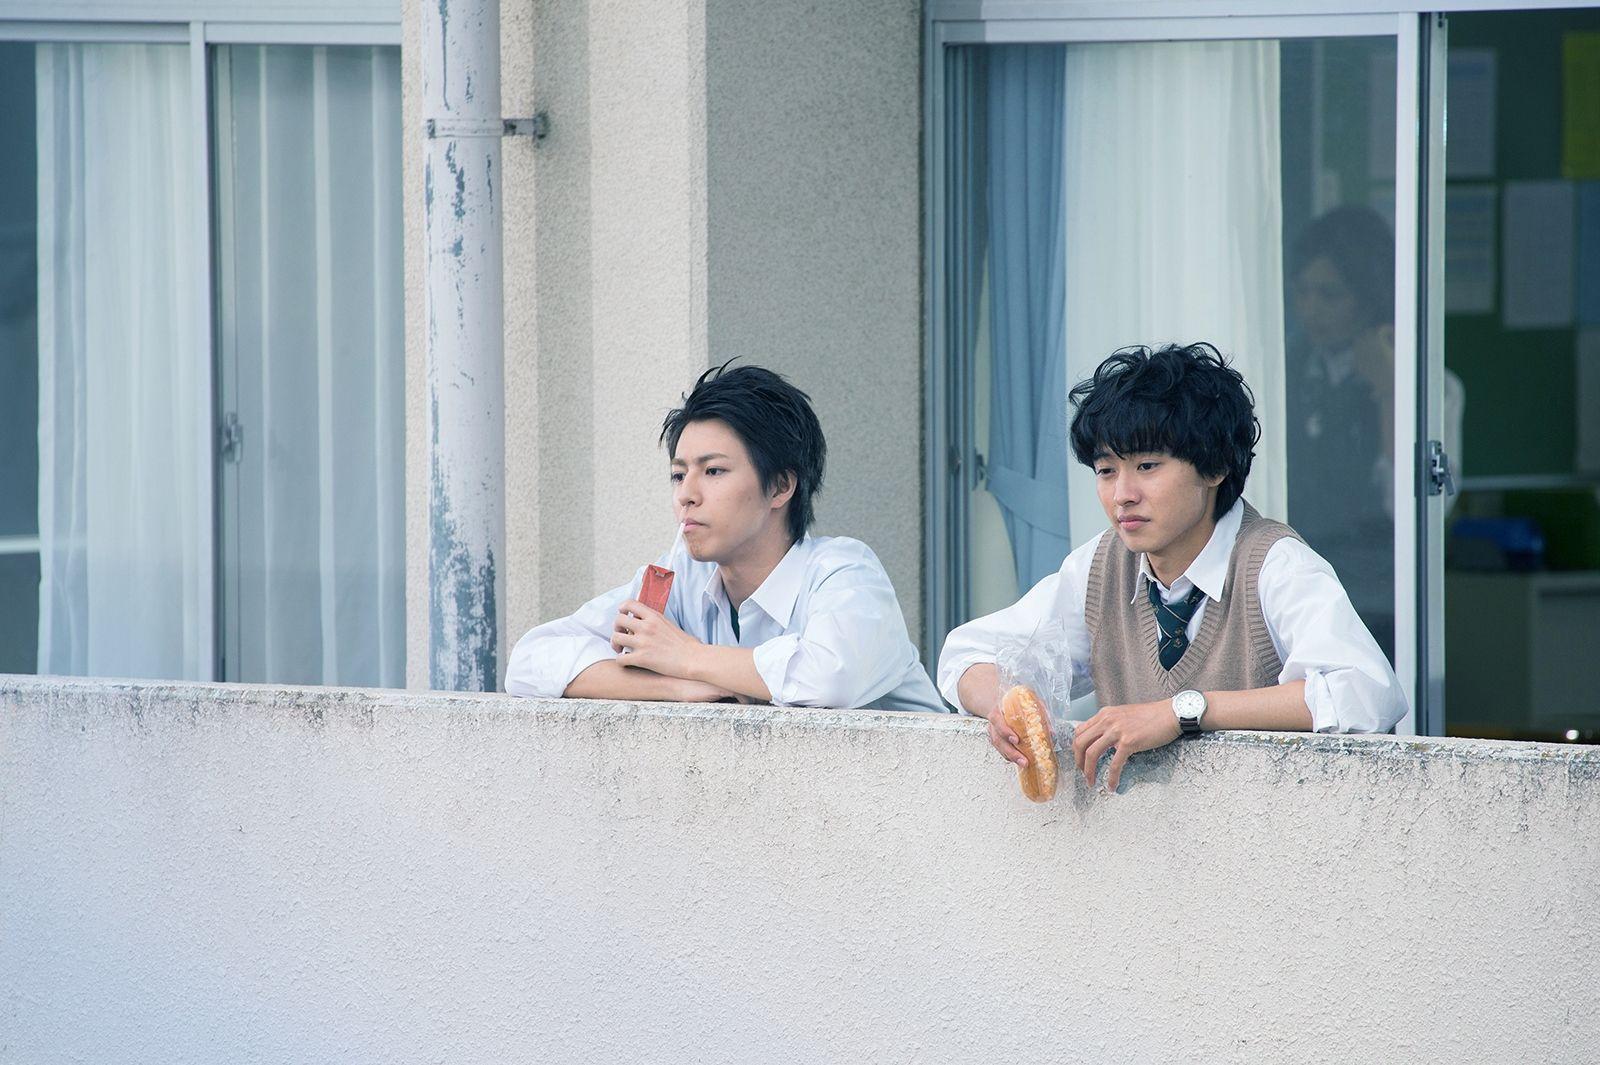 画像1 2 山崎賢人 視線の先には 気になる子 超特急 松尾太陽と等身大の昼休み 友情フォト 友達のポーズ 青春 写真